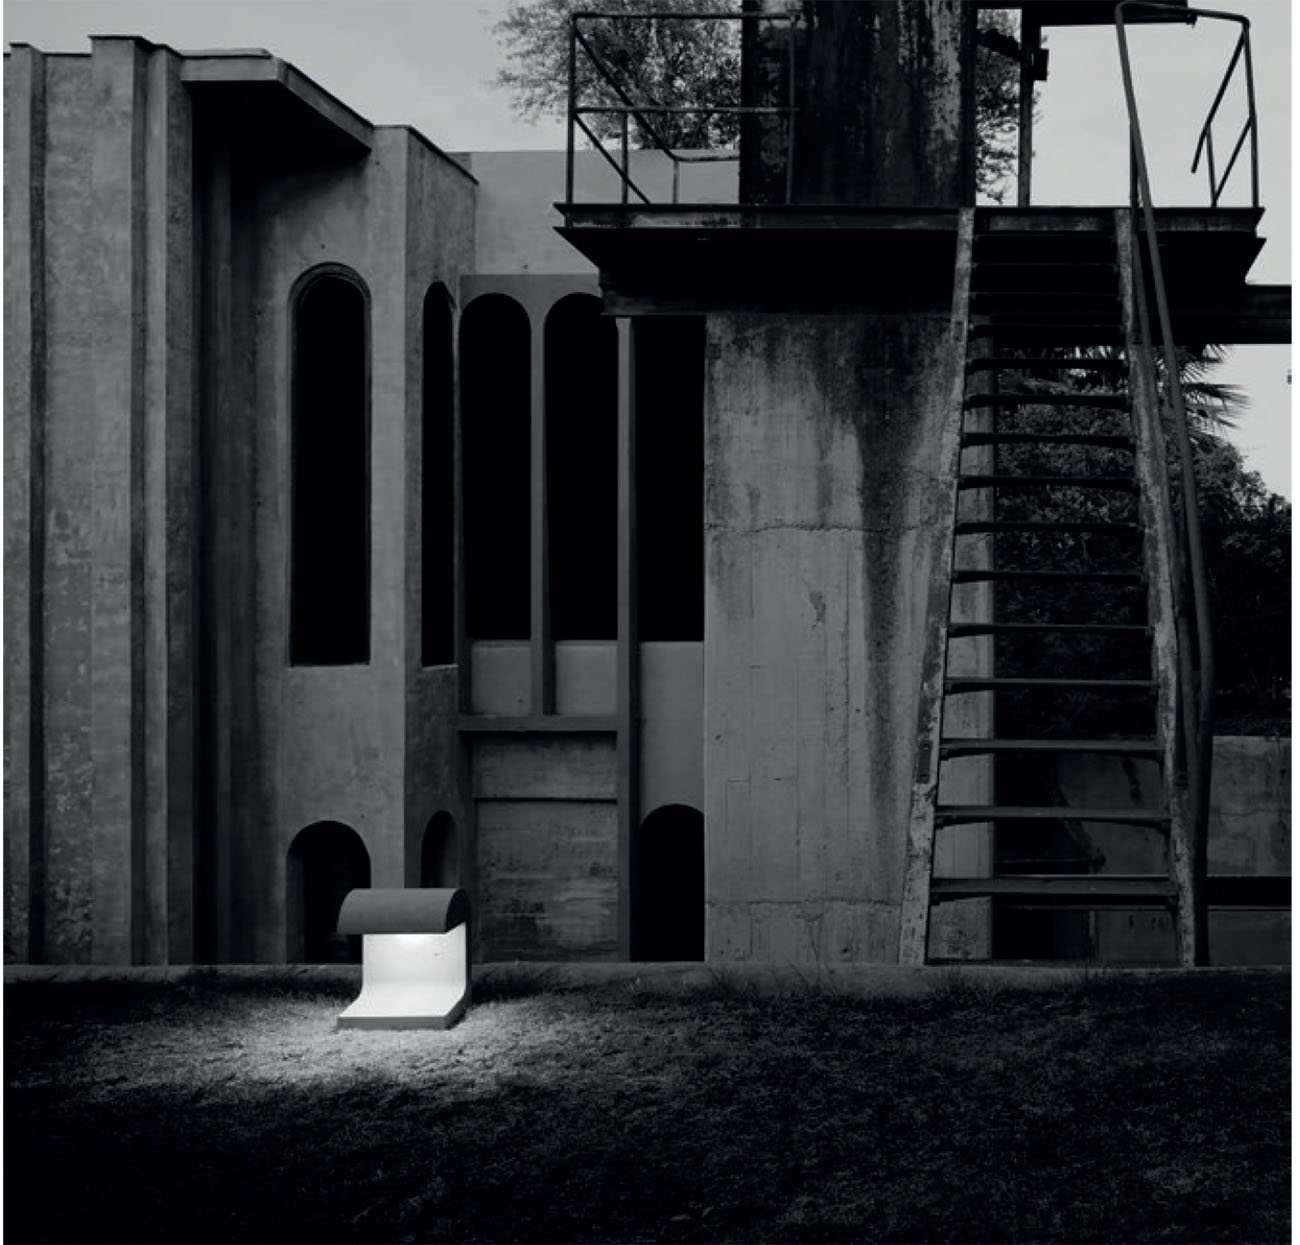 Eclairage urbain : Camouflage et Casting concrete chez Flos